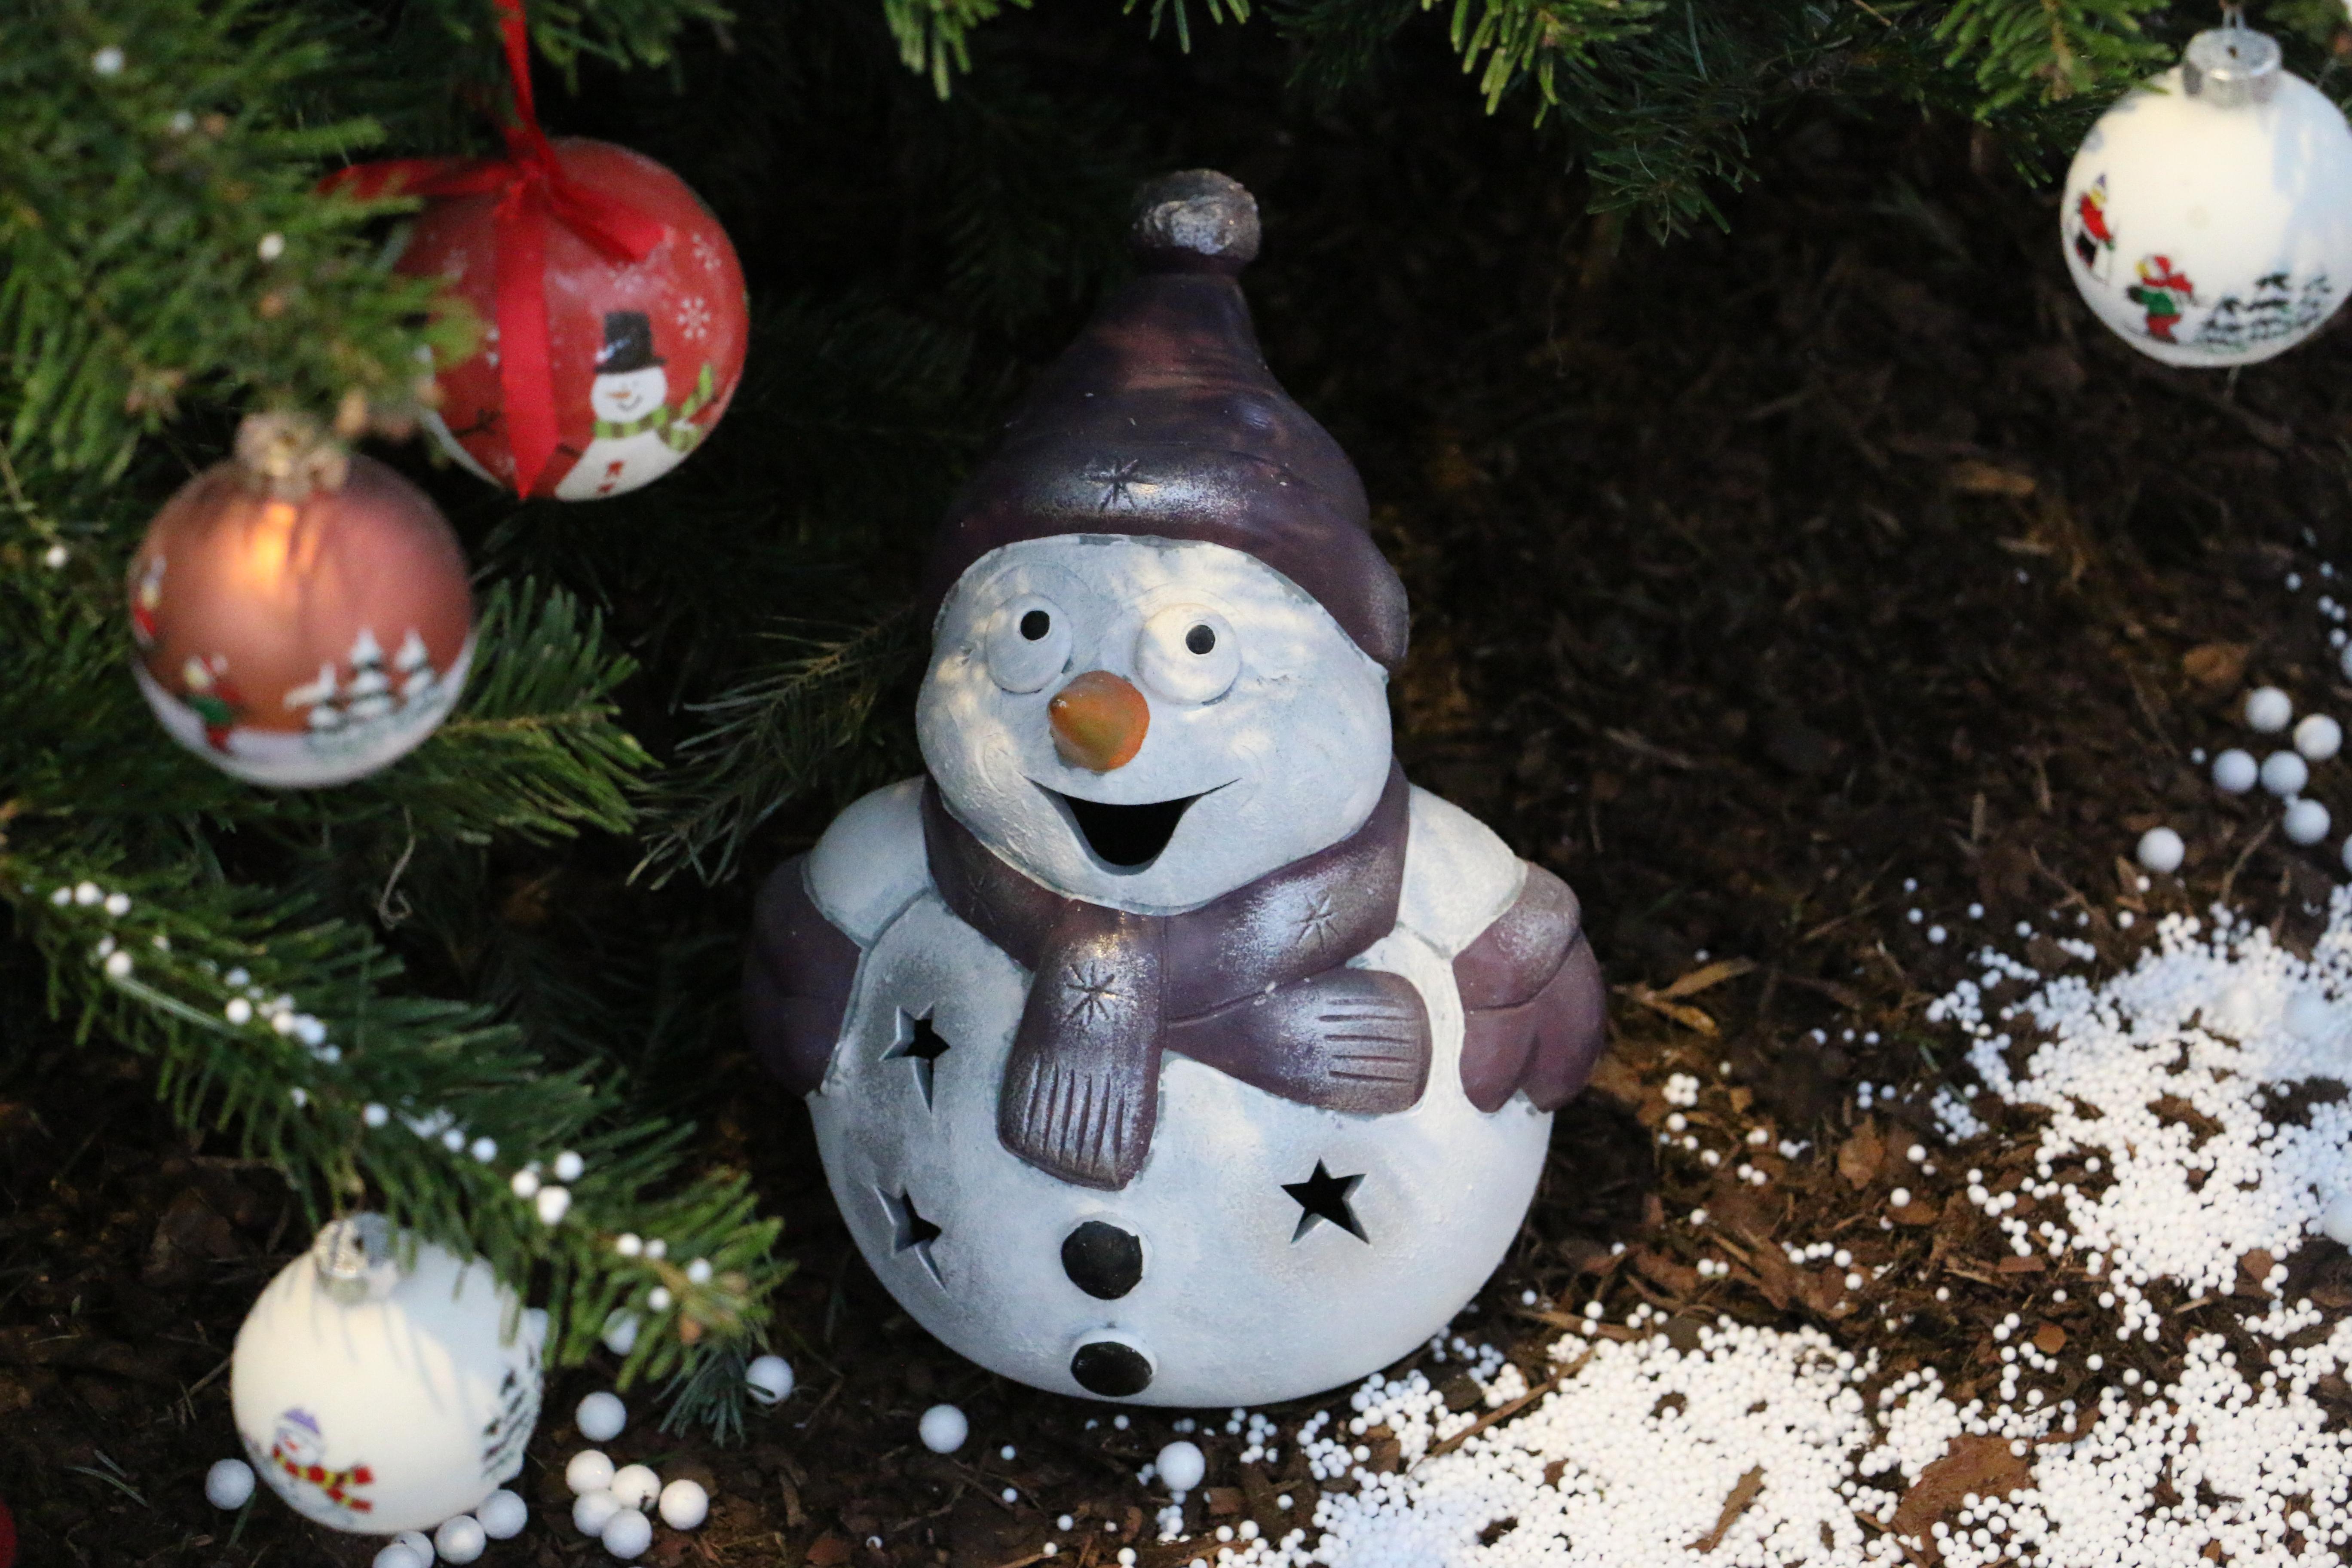 Wir wünschen ein wunderschönes Weihnachtsfest und einen guten Rutsch ins Jahr 2019!